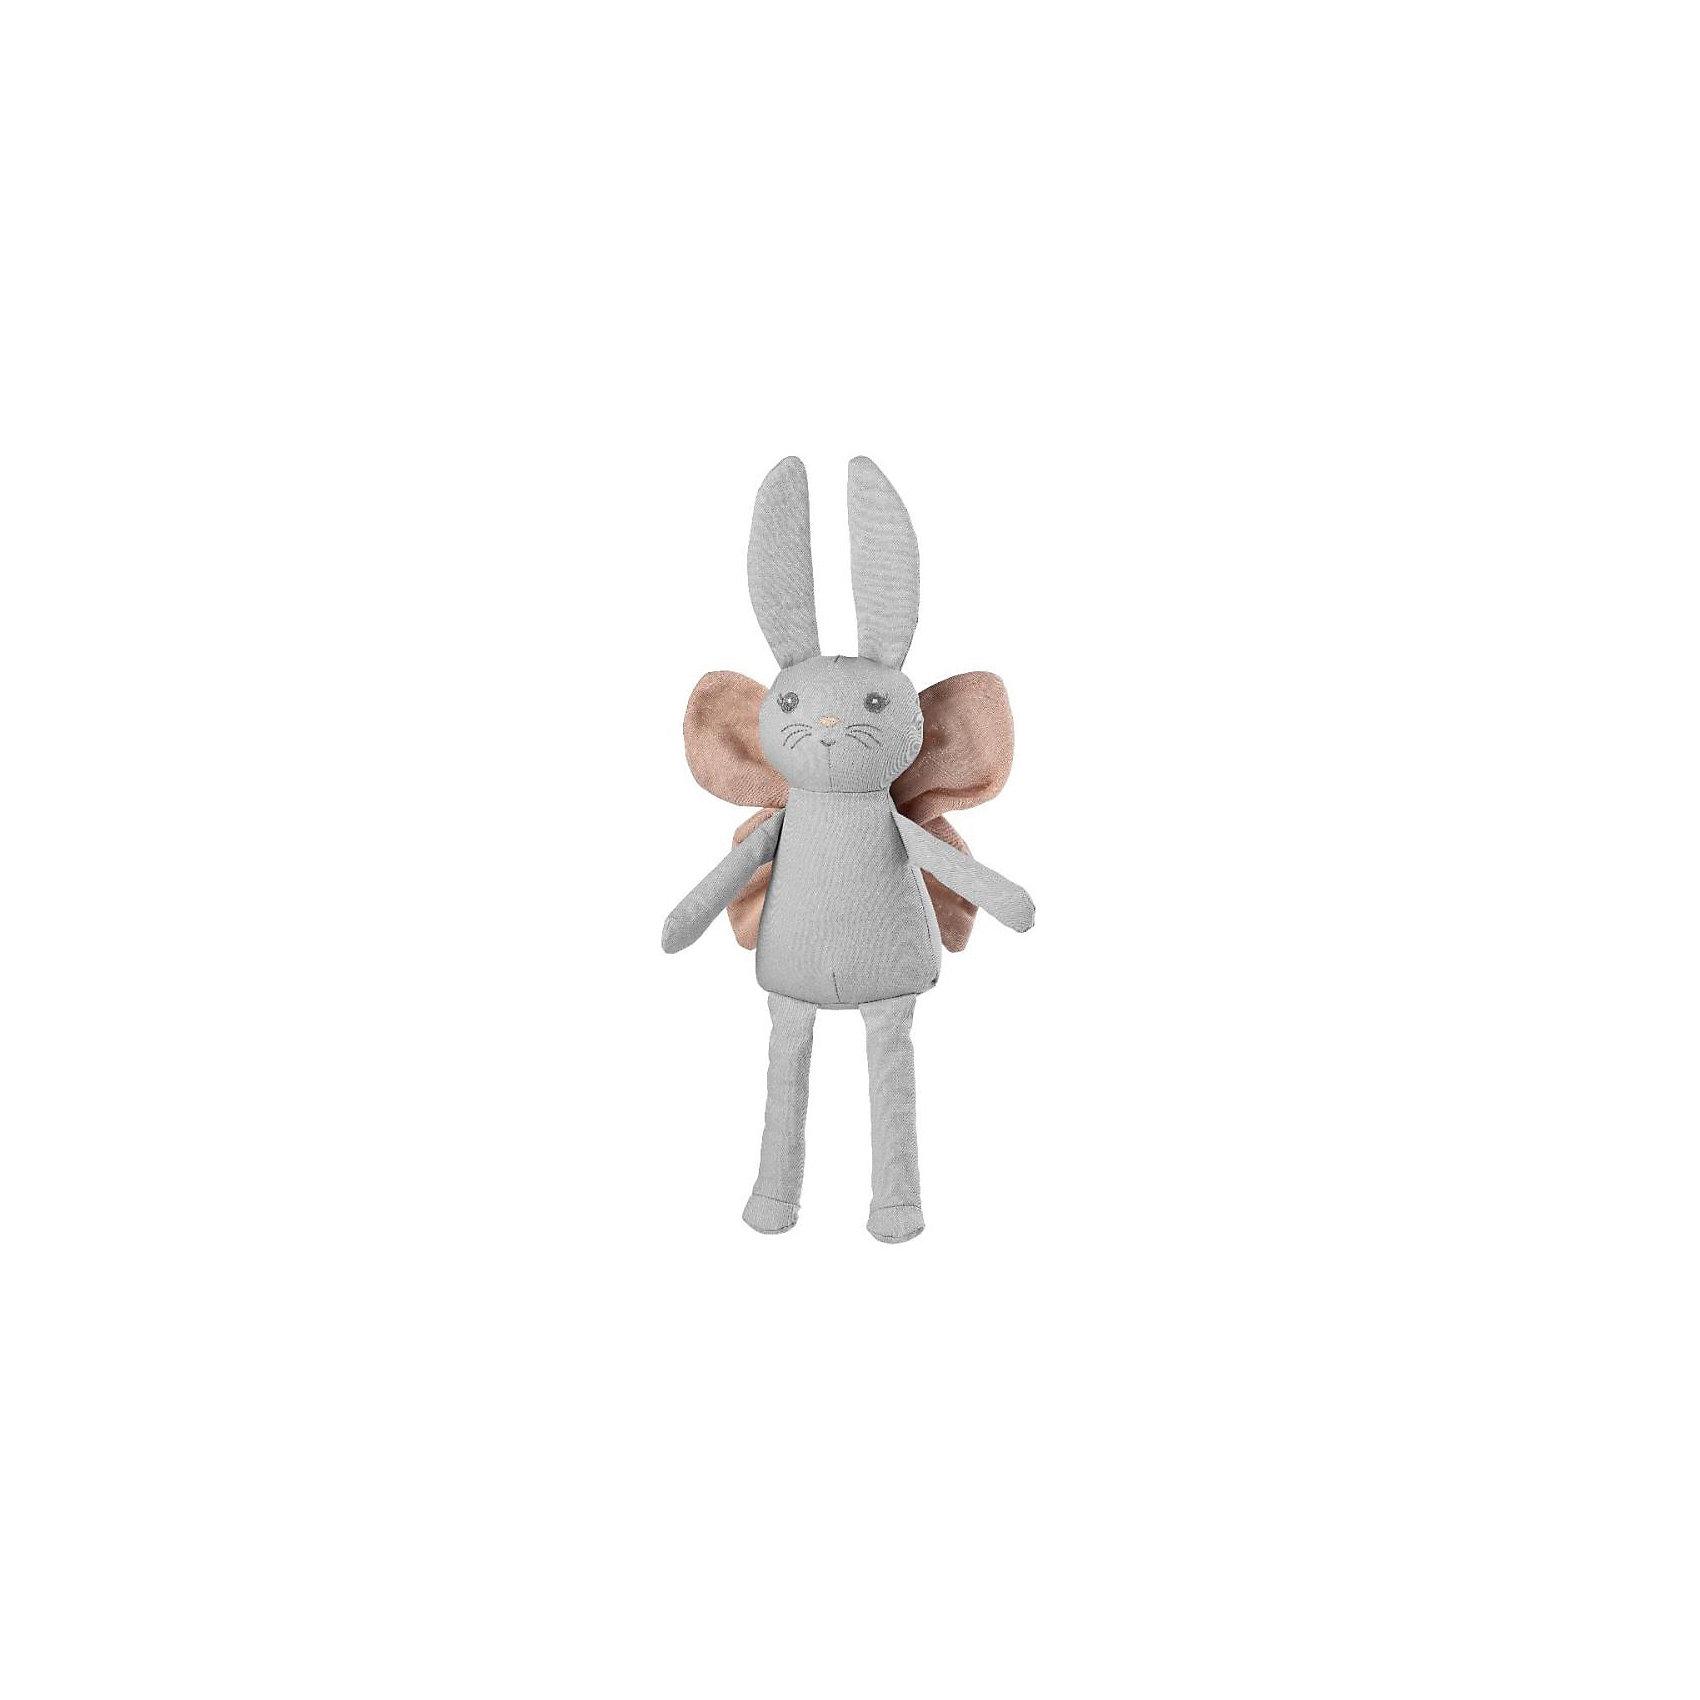 Игрушка Зайчик Tender Bunnybelle, Elodie Details, серыйМягкие игрушки<br>Игрушка Elodie Details Tender Bunnybelle  Уникальная троица игрушек-кроликов;от Elodie Details. Каждая из игрушек индивидуальна и имеет своей неповторимый характер и дизайн!;Игрушка непременно;станет любимцем вашего малыша;и его верным спутником в приключениях дома или на природе.  - материал 100% хлопок- длина;41 см;(включая уши)<br><br>Ширина мм: 200<br>Глубина мм: 60<br>Высота мм: 120<br>Вес г: 82<br>Возраст от месяцев: 0<br>Возраст до месяцев: 36<br>Пол: Унисекс<br>Возраст: Детский<br>SKU: 4966119